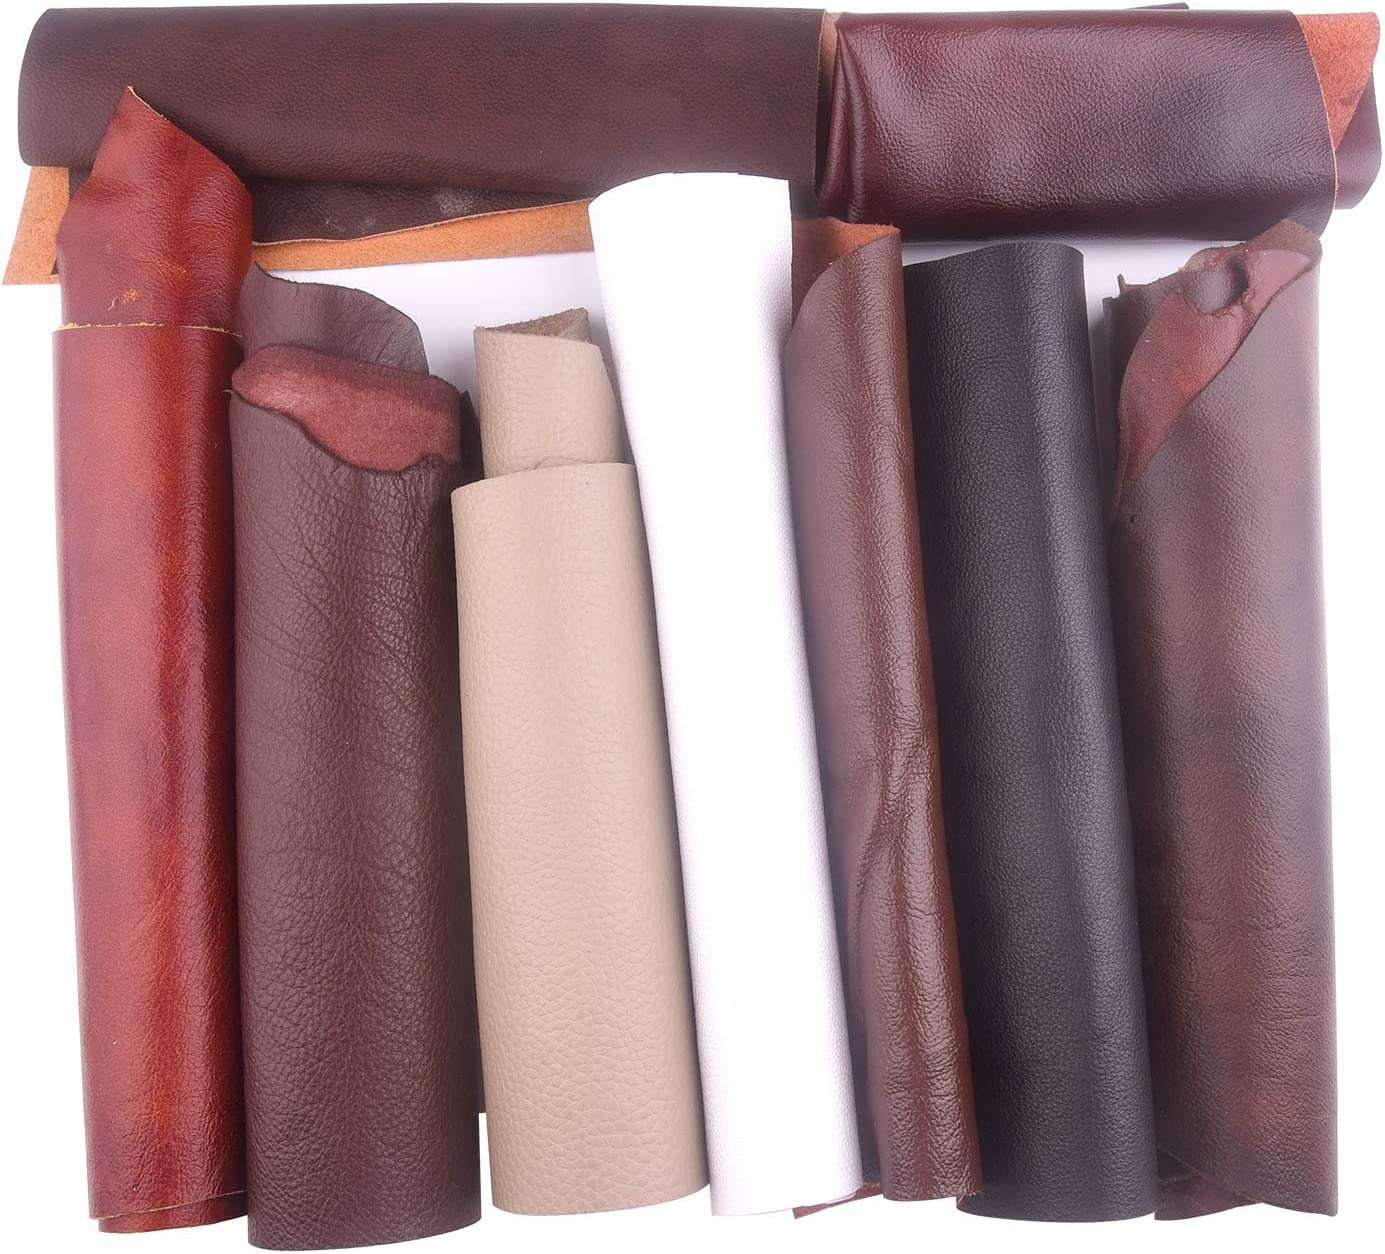 TUPARKA 1 kg de retales de cuero para manualidades de artesanía Varios tamaños de cuero de desecho de calidad mixta para trabajos artesanales